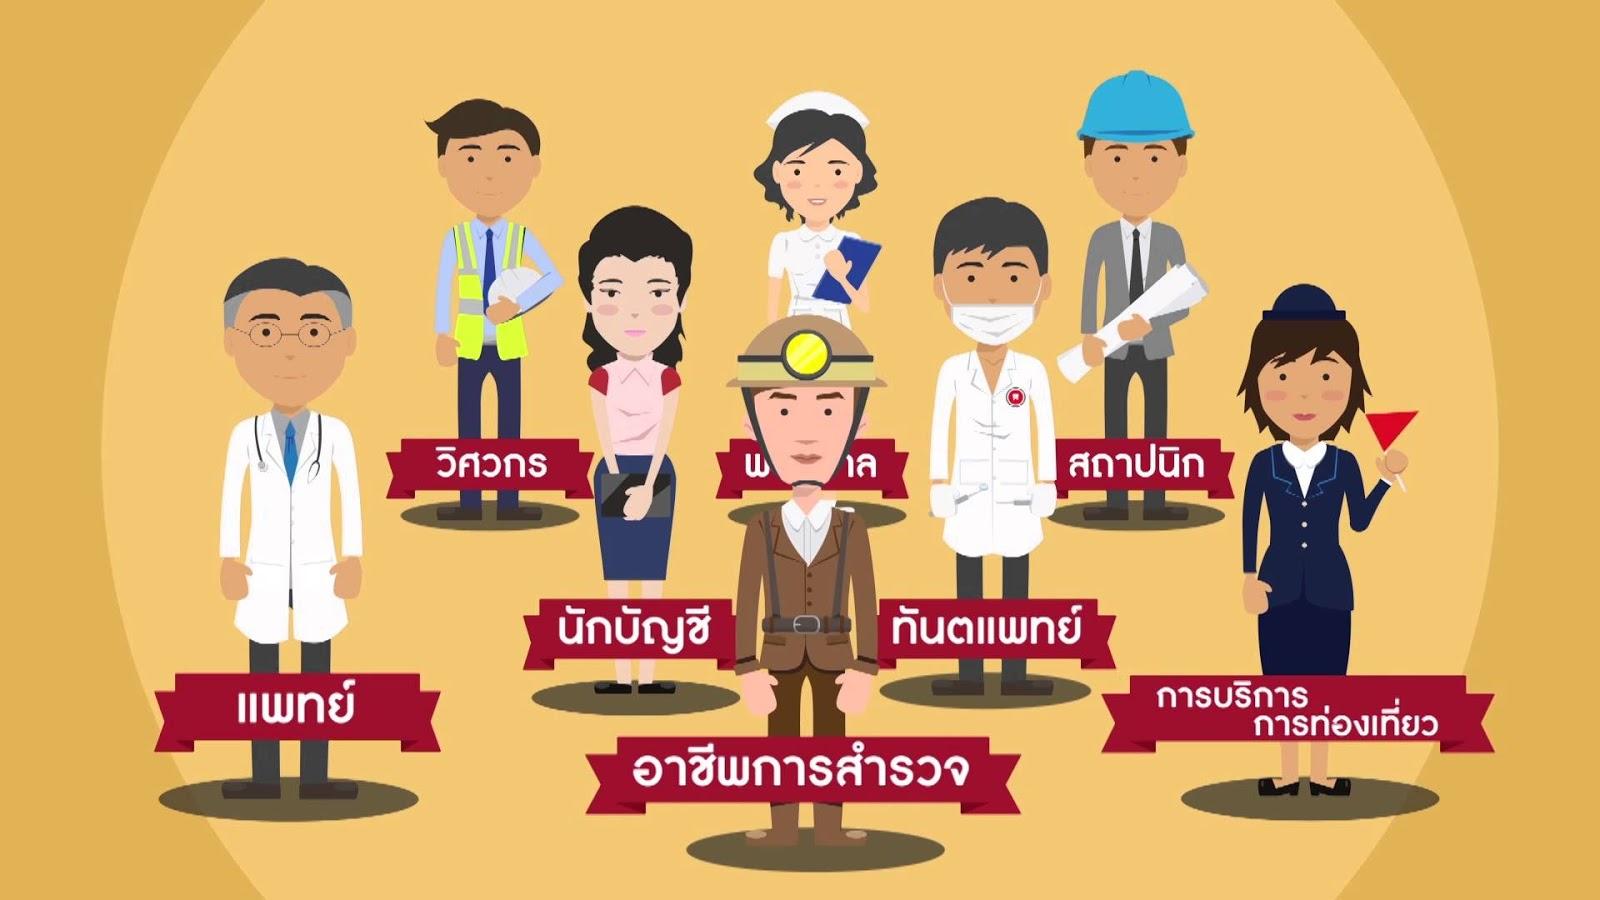 2001-1001 ความรู้เกี่ยวกับงานอาชีพ